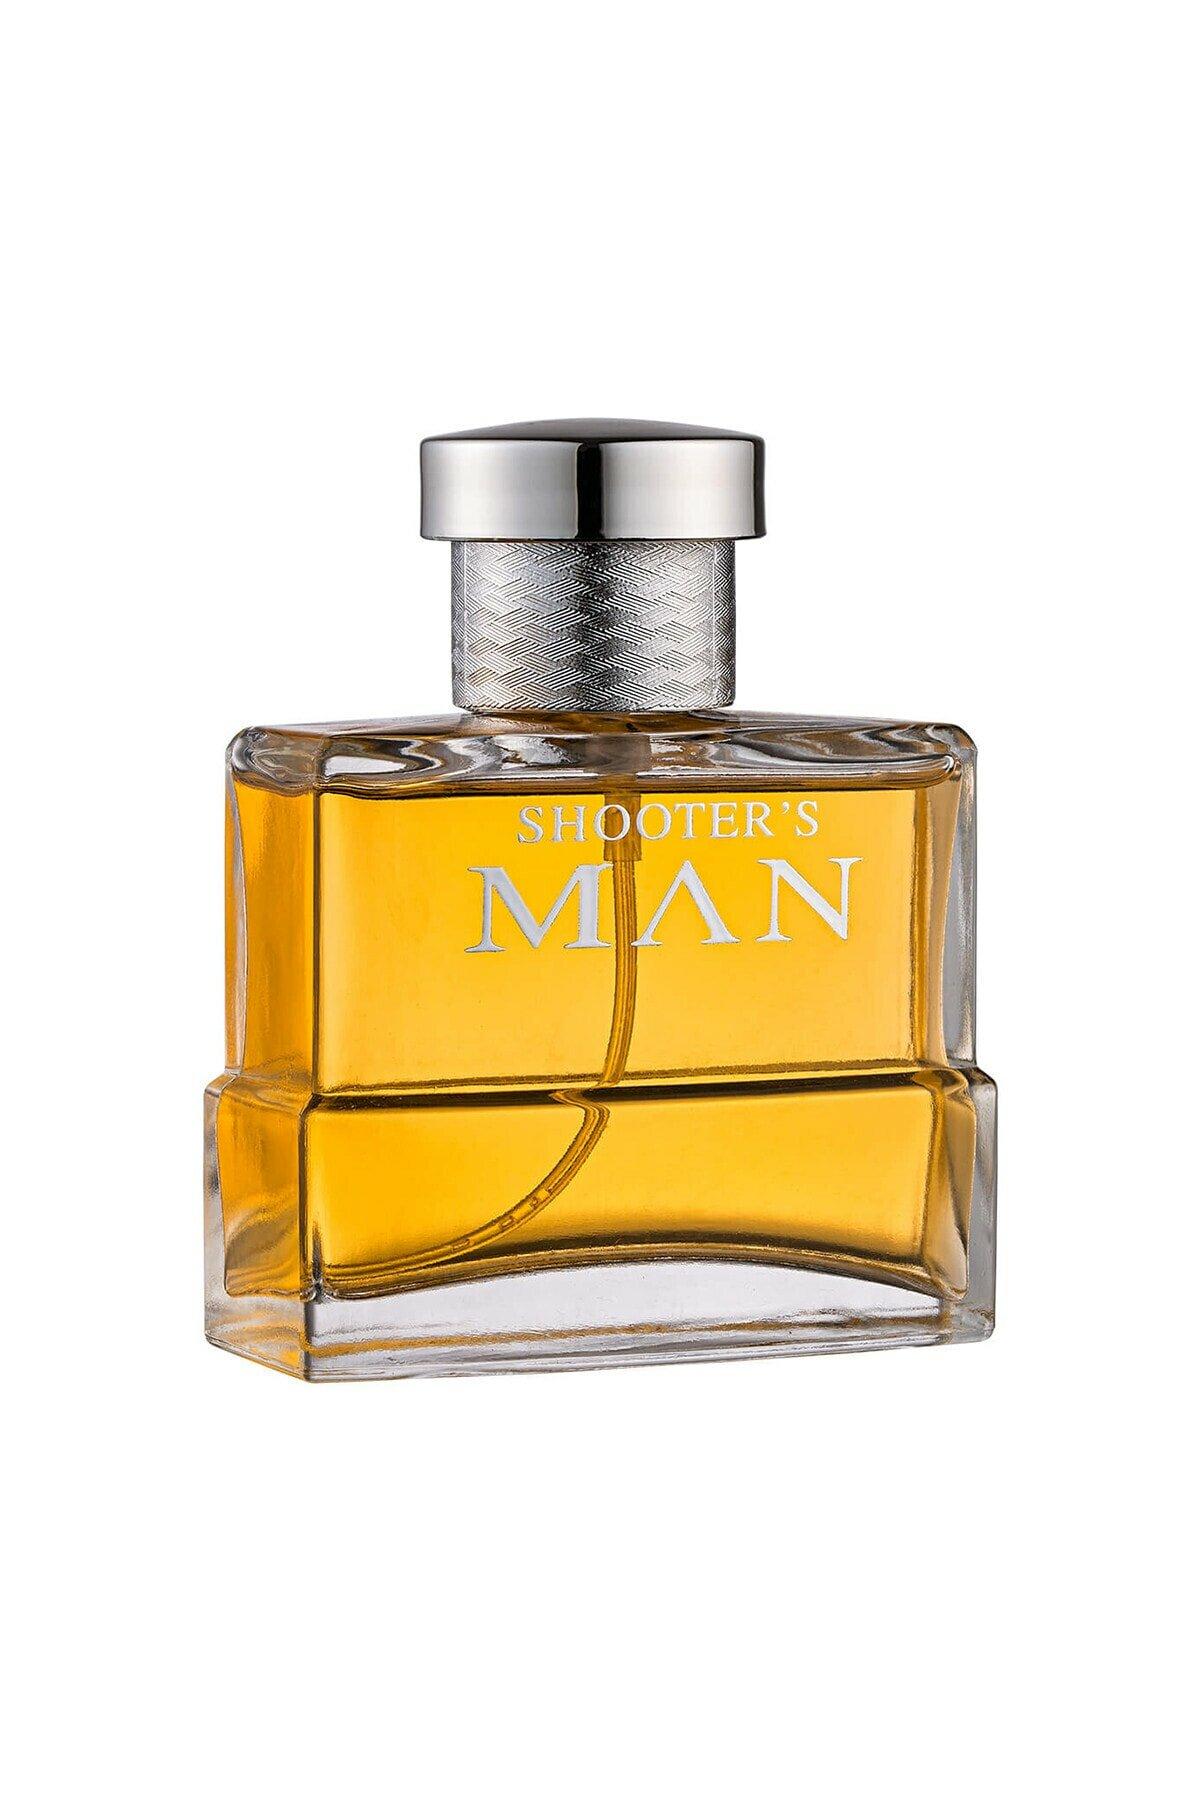 ng bizzi eau de parfum 80 ml woman perfume Farmasi Shooter's Man EAU DE PARFUM 100 ml Men's Perfume Aphrodisiac 1-Day In Permanent EAU DE PARFUM Essence Rate 37 100percent